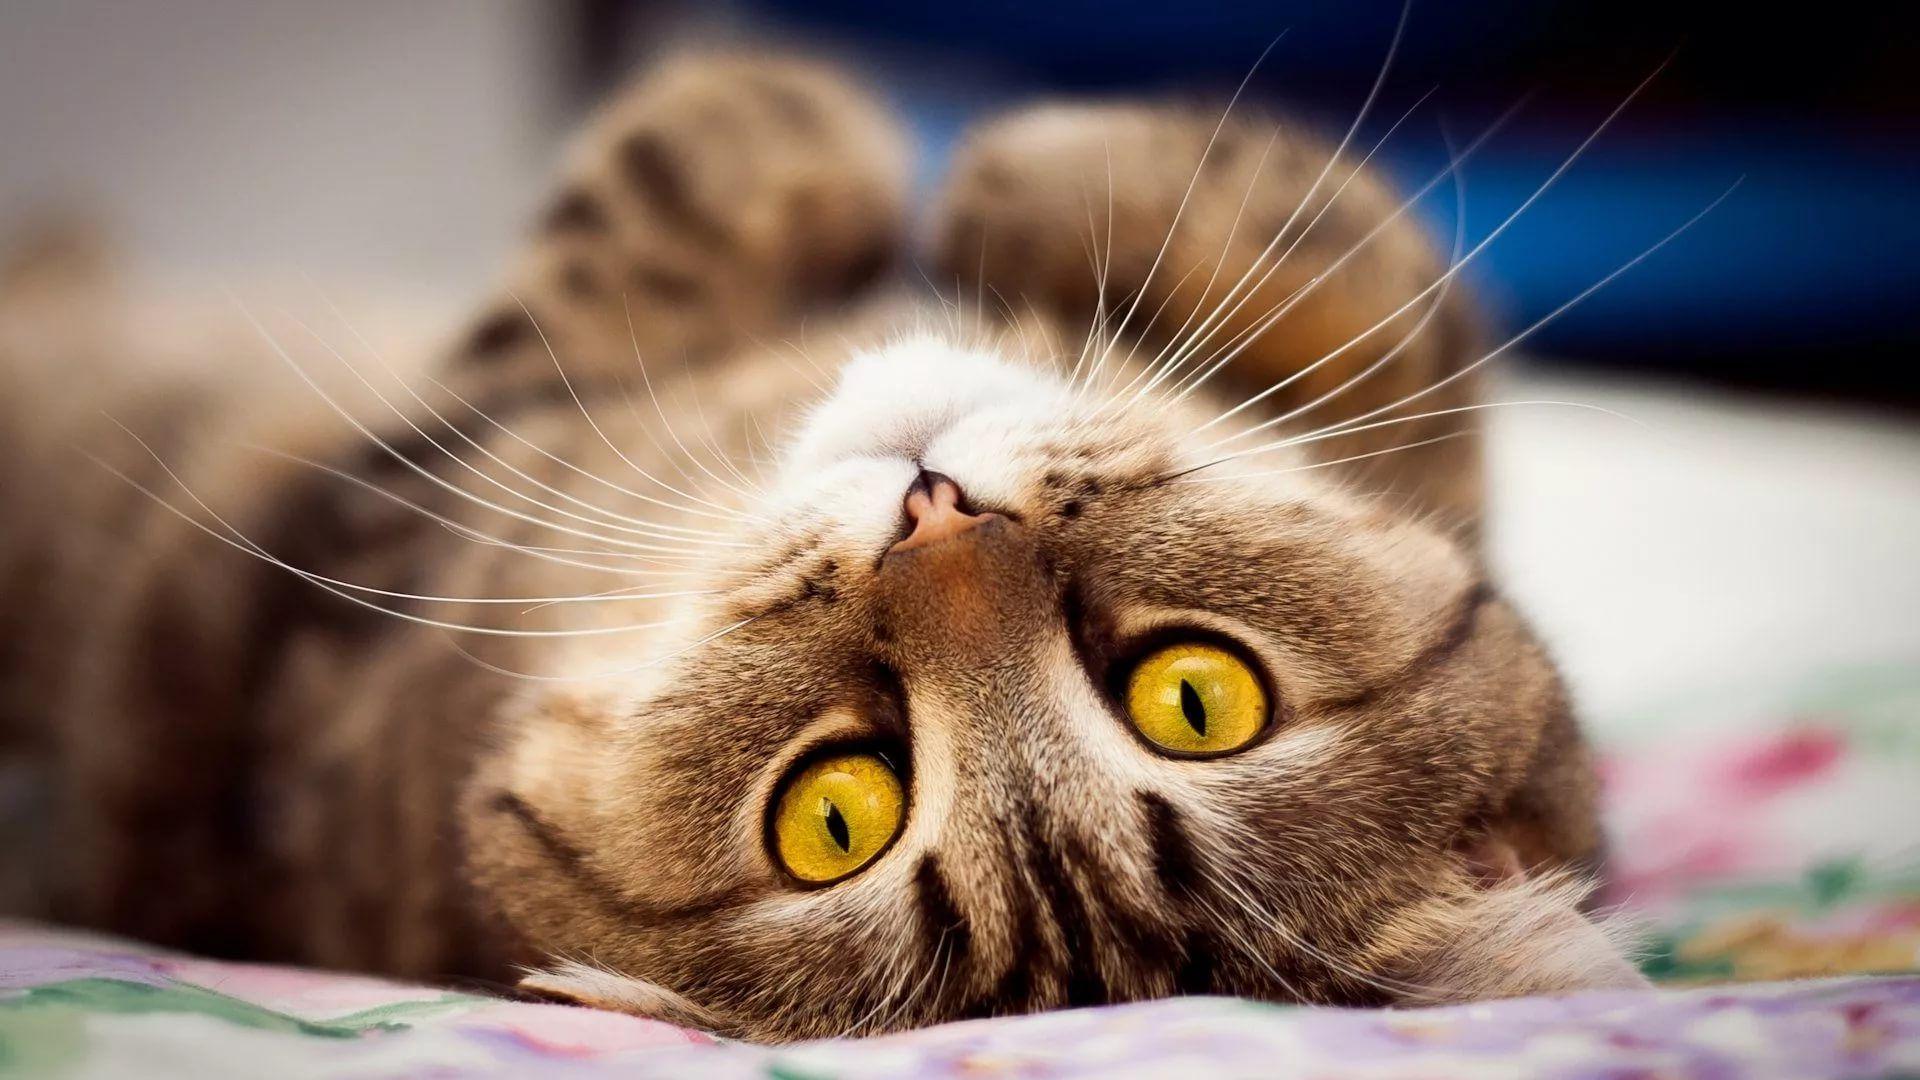 Lovely Cat wallpaper photo full hd